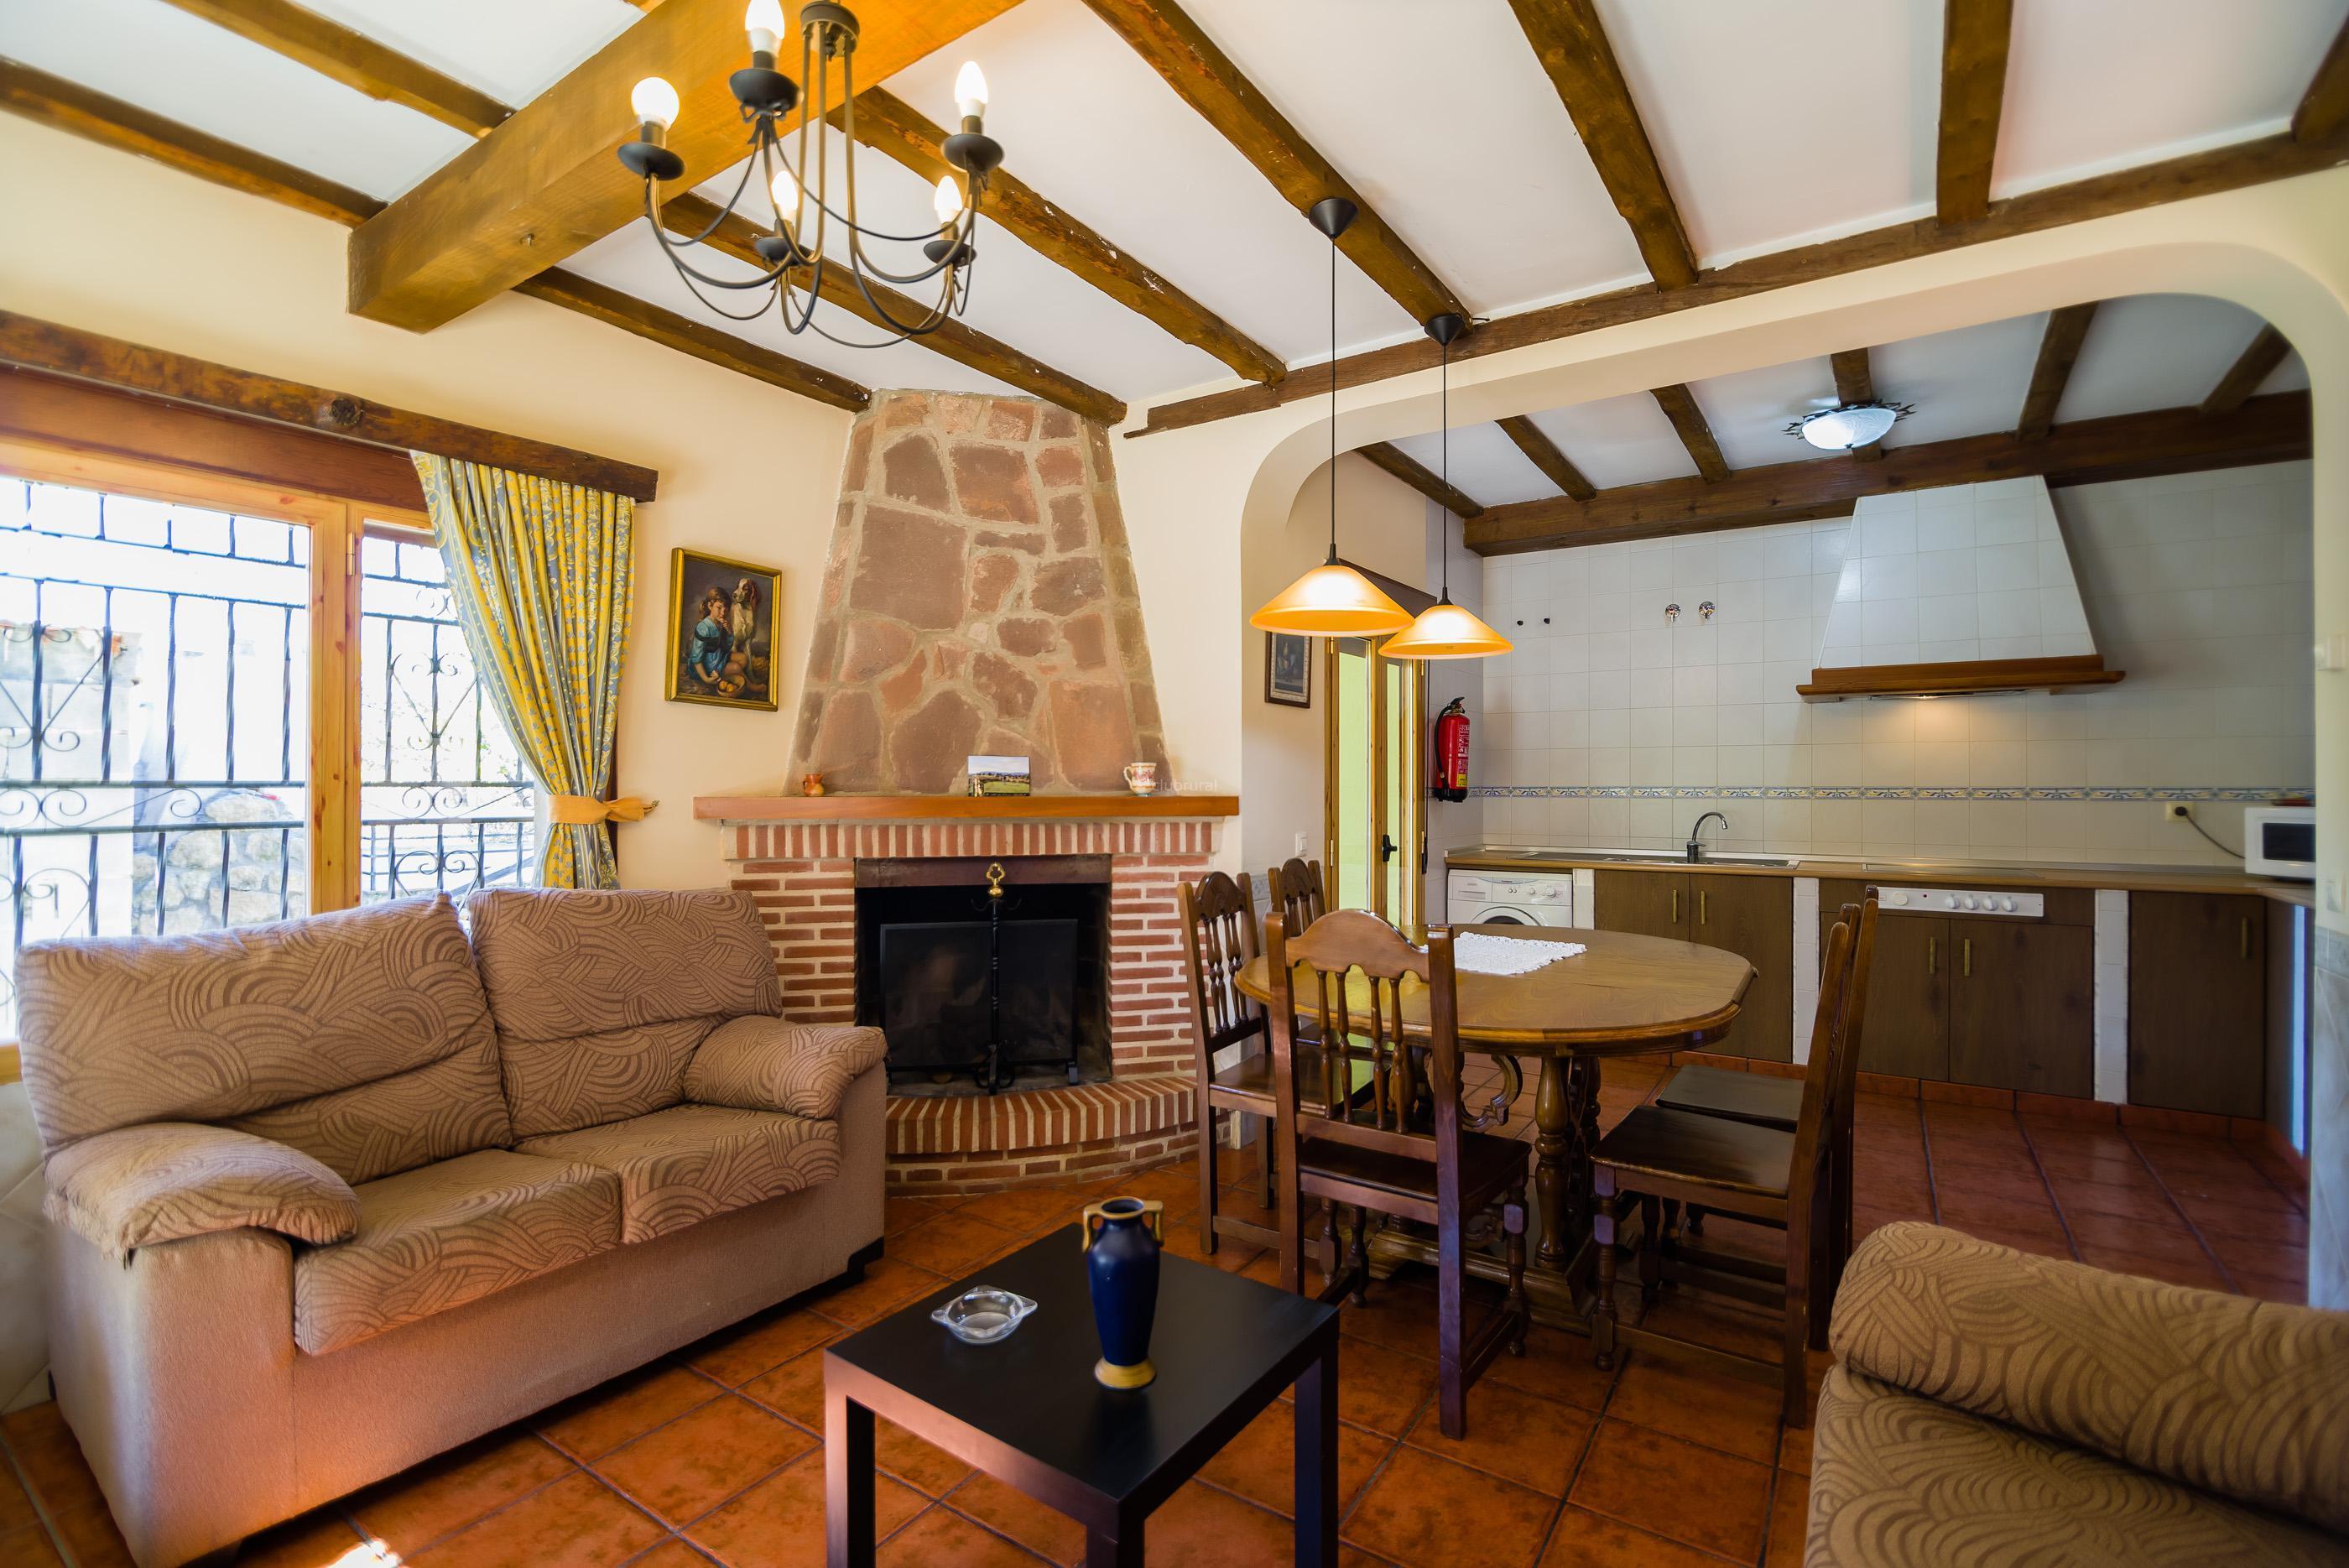 Fotos de casas rurales maury vila el barraco clubrural - Alquiler casa rural cataluna ...